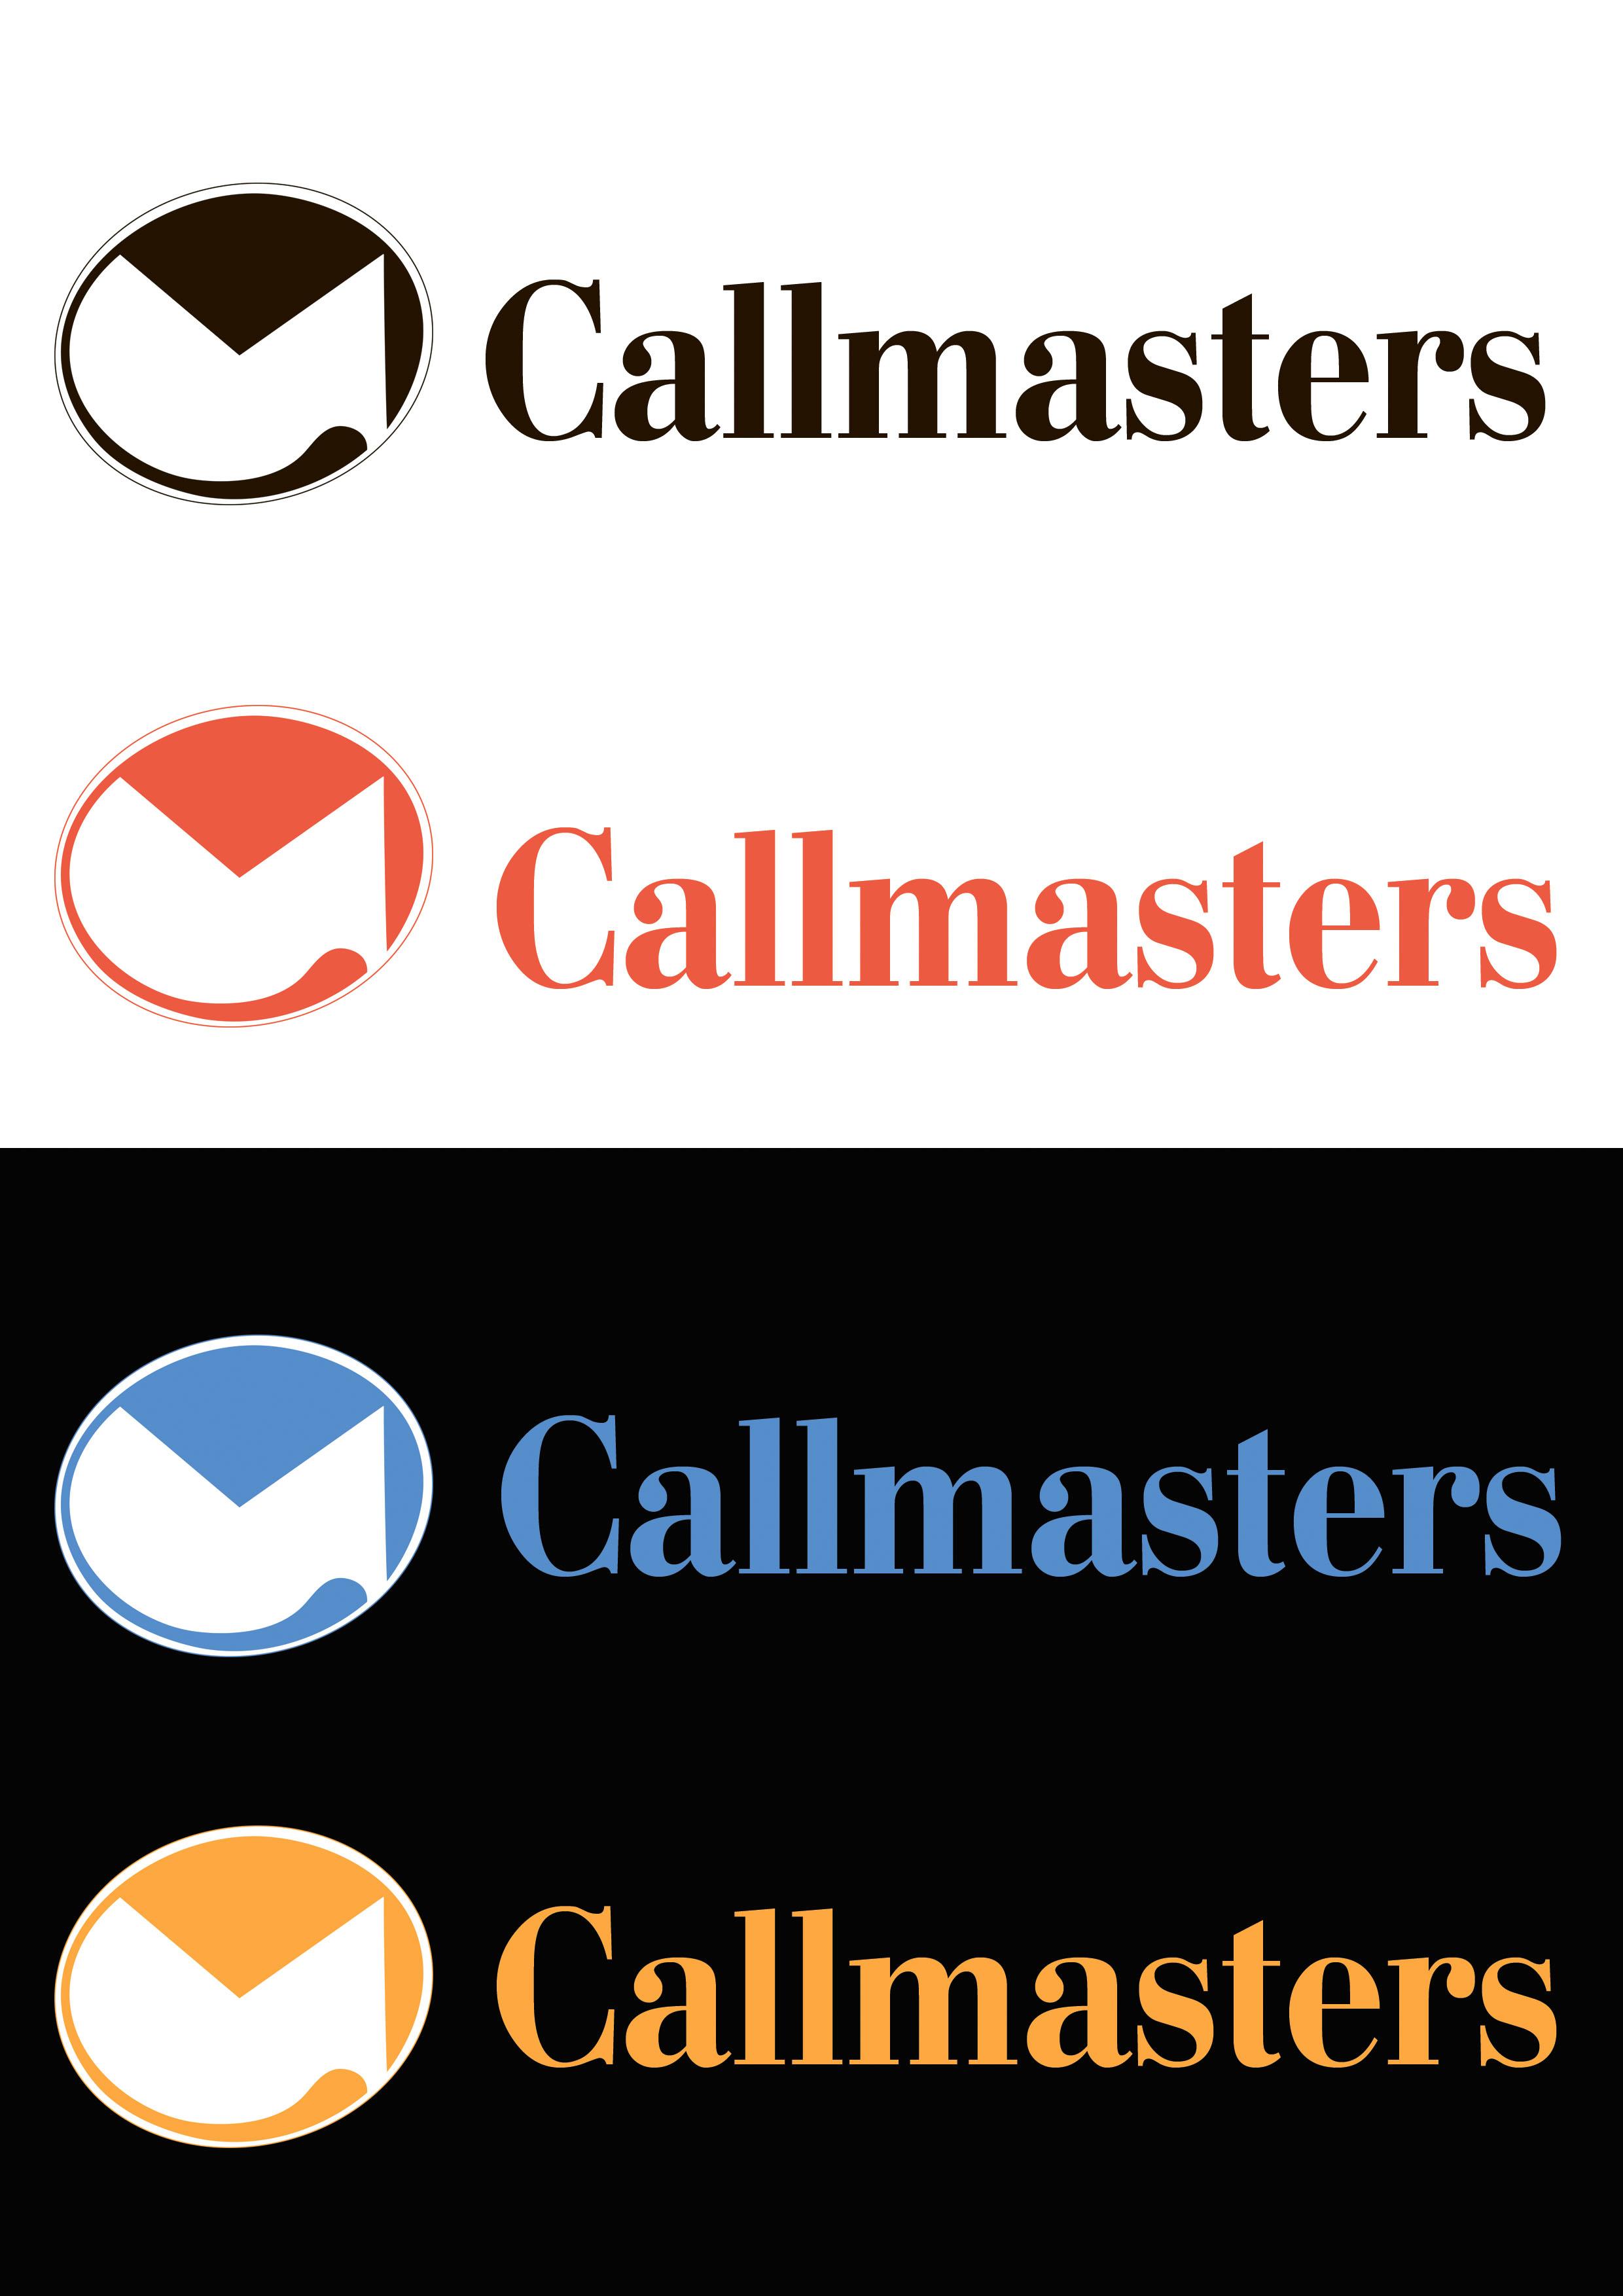 Логотип call-центра Callmasters  фото f_2135b75af0a89700.jpg